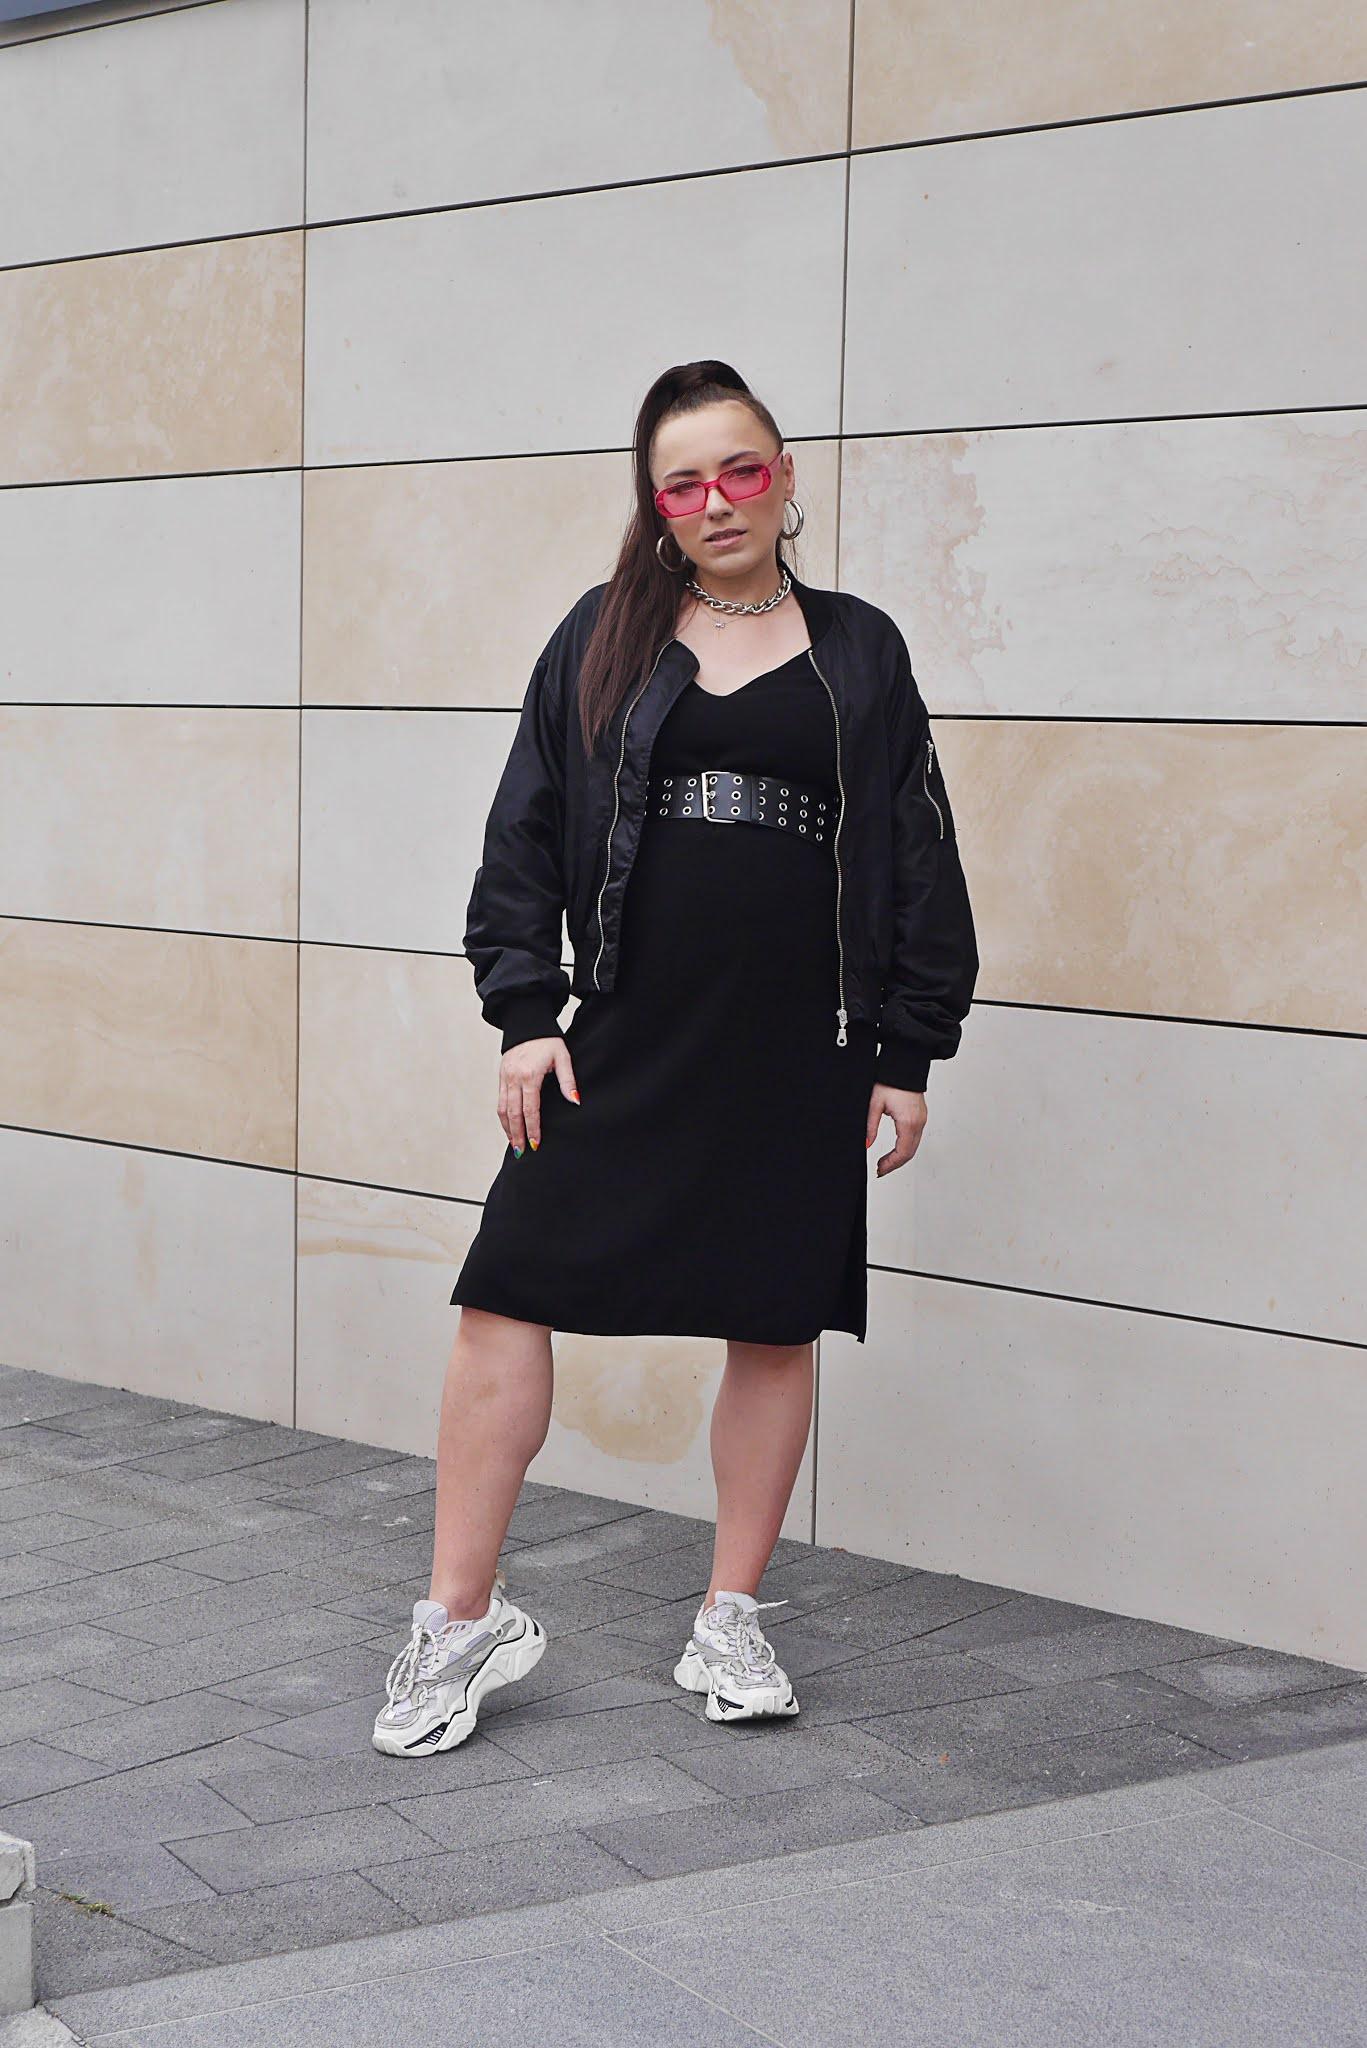 blogerka modowa blog modowy stylizacja ciążowa jak się ubrać w ciąży modna w ciąży czarna sukienka na ramiączkach różowe okulary aliexpress pasek z ćwiekami białe buty sportowe ccc bomberka bikbok waste no time czarna puławy